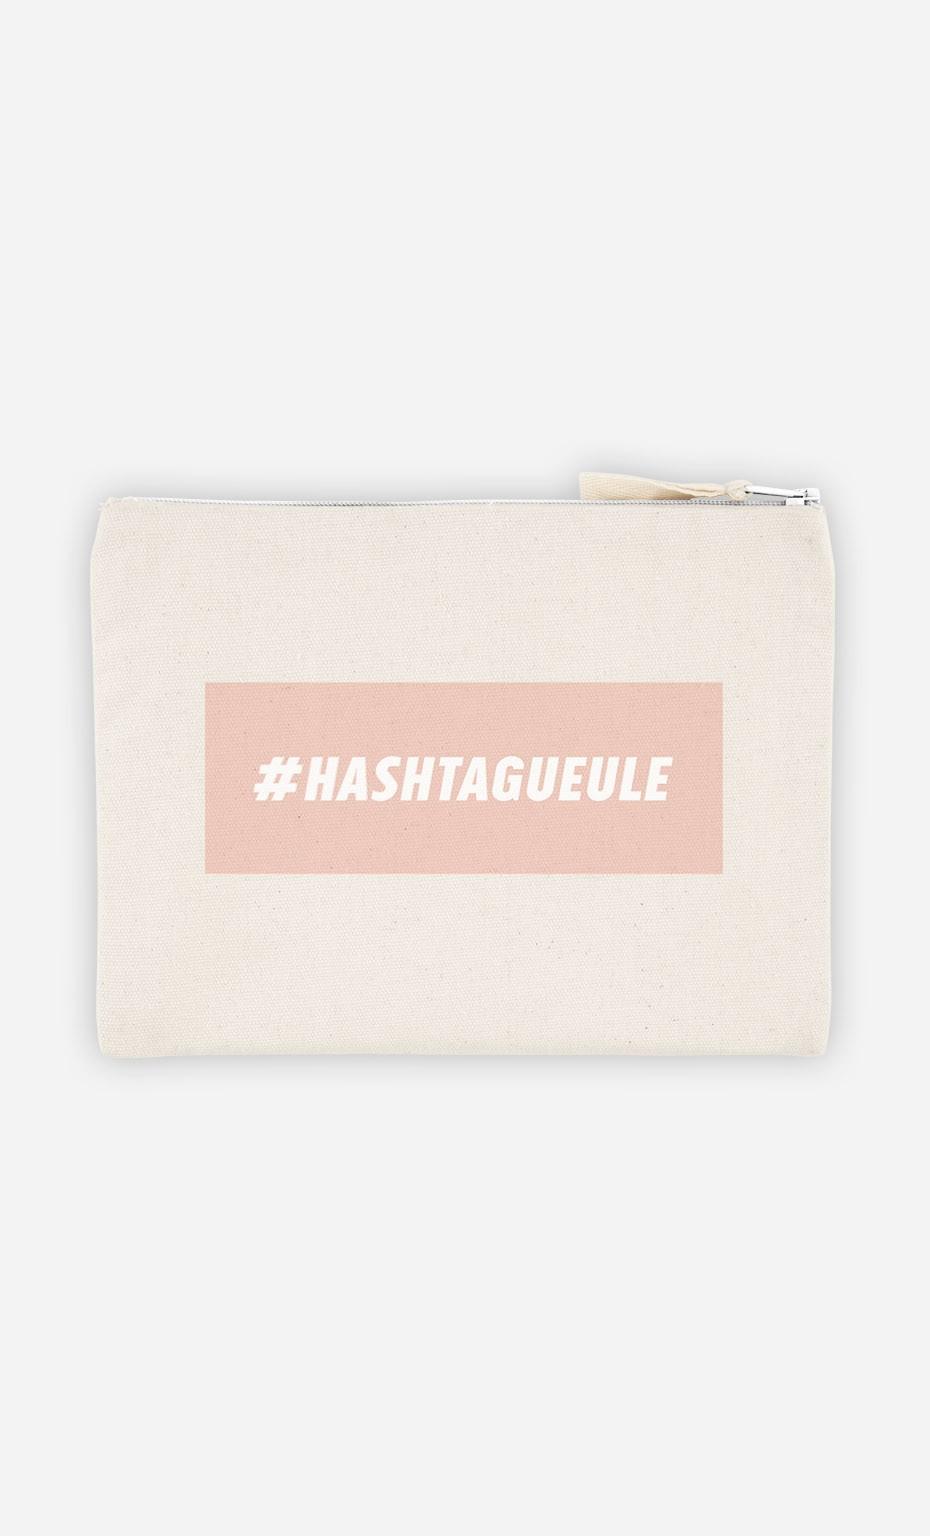 Pochette Hashtagueule